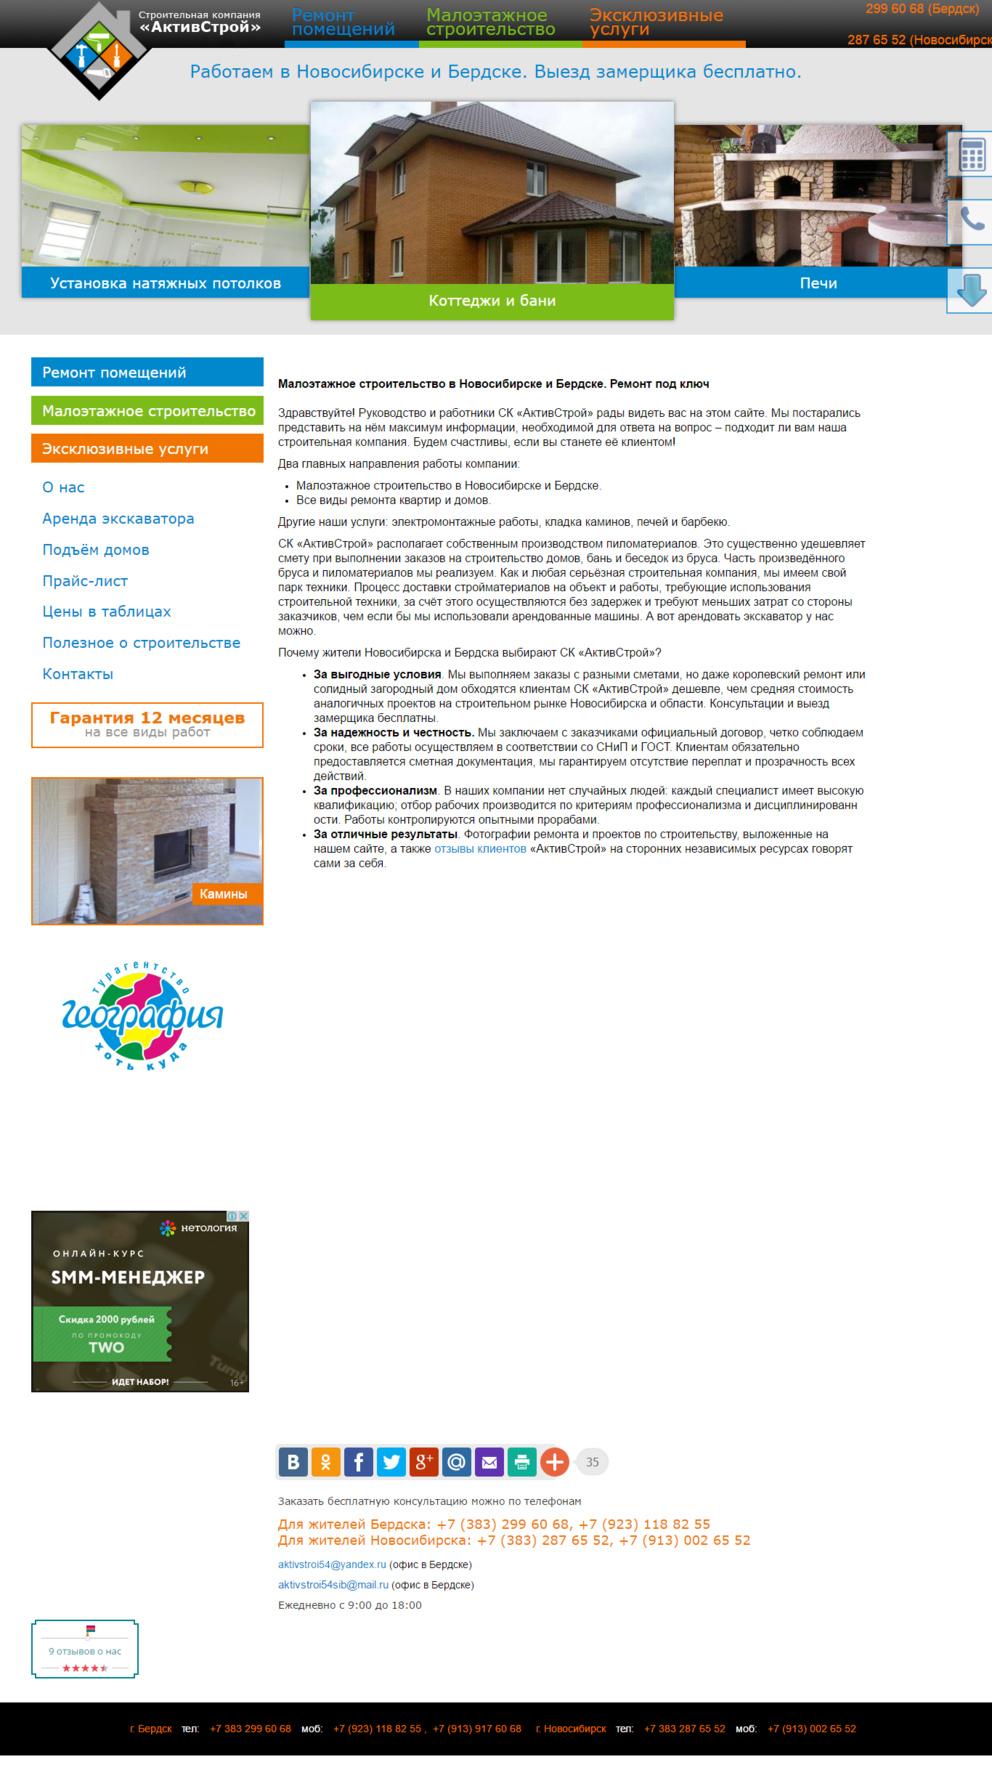 """Строительная компания """"АктивСтрой"""" / Проект компании Агентство интернет-маркетинга Darolla"""